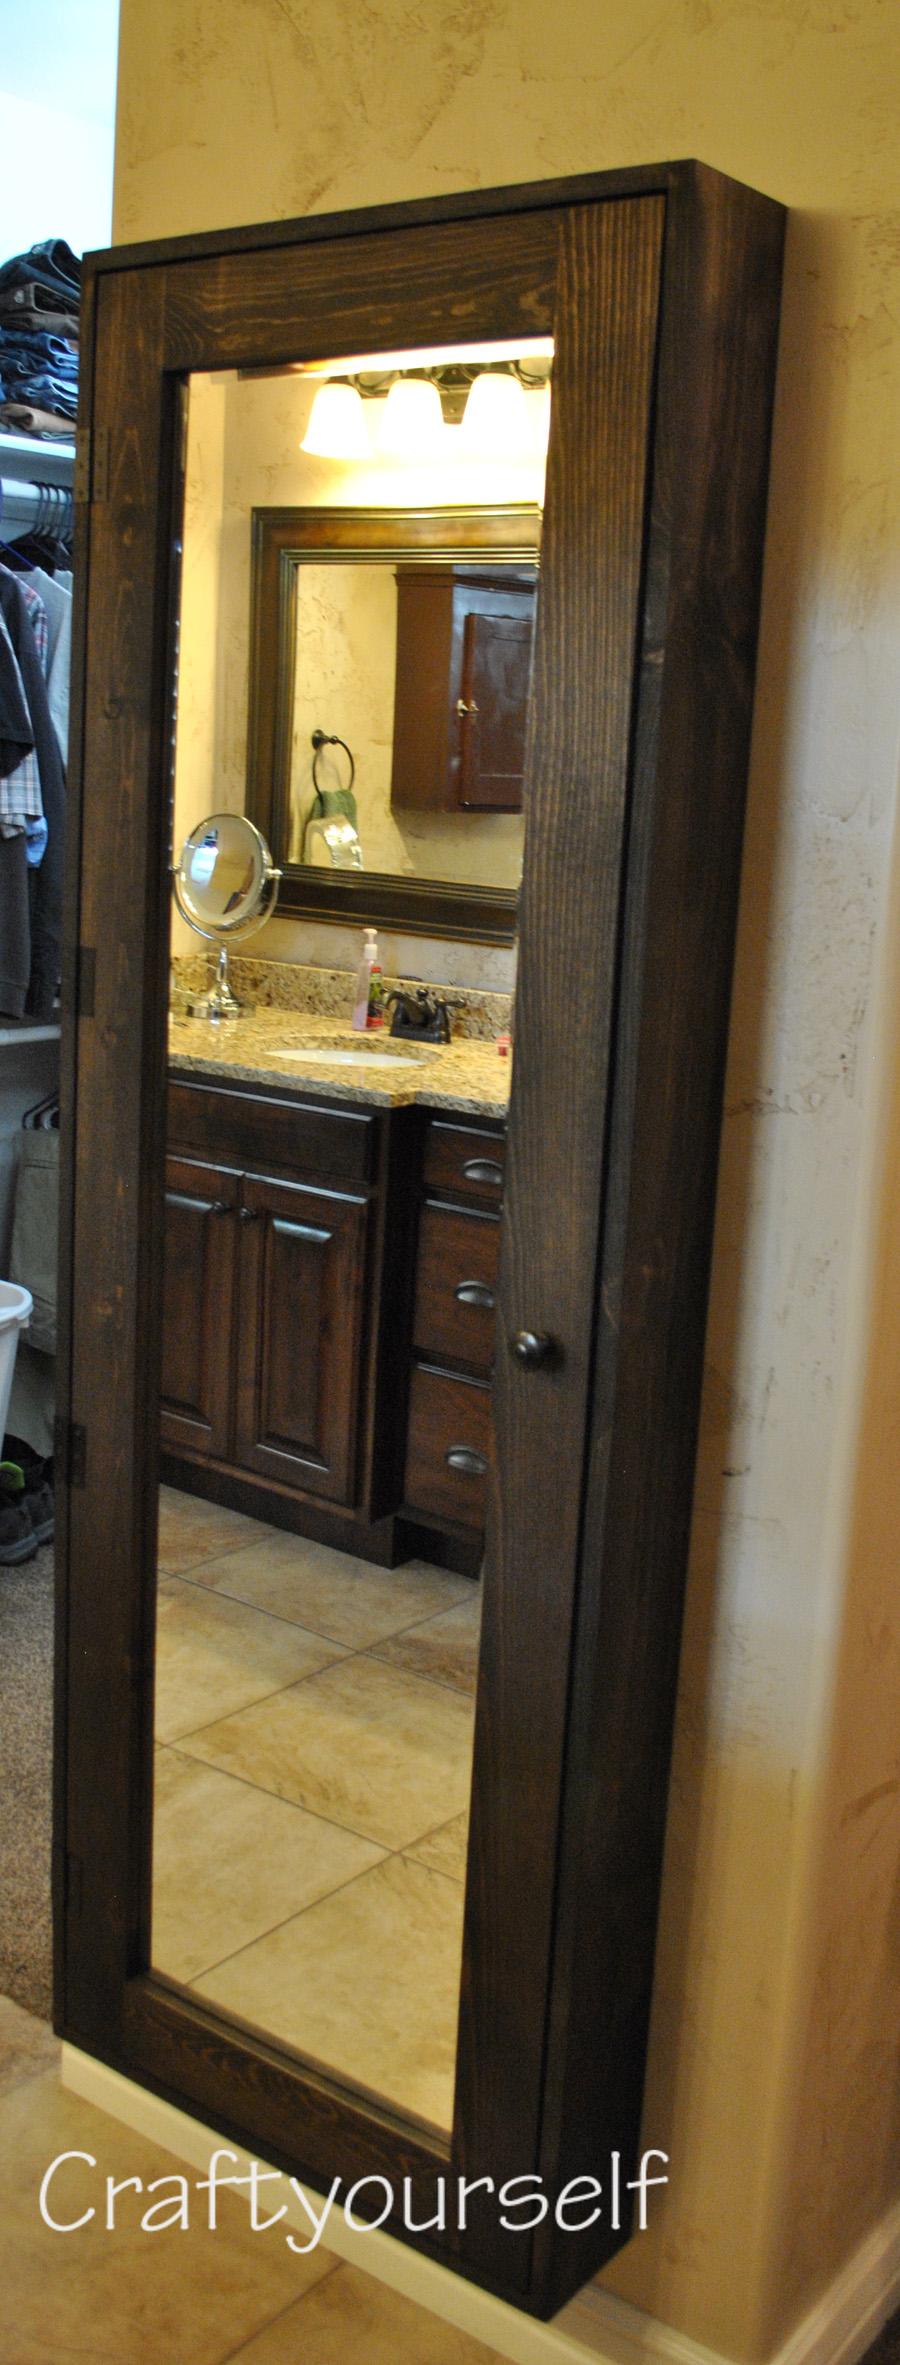 31 Clever DIY Bathroom Storage Ideas - A Green Hand